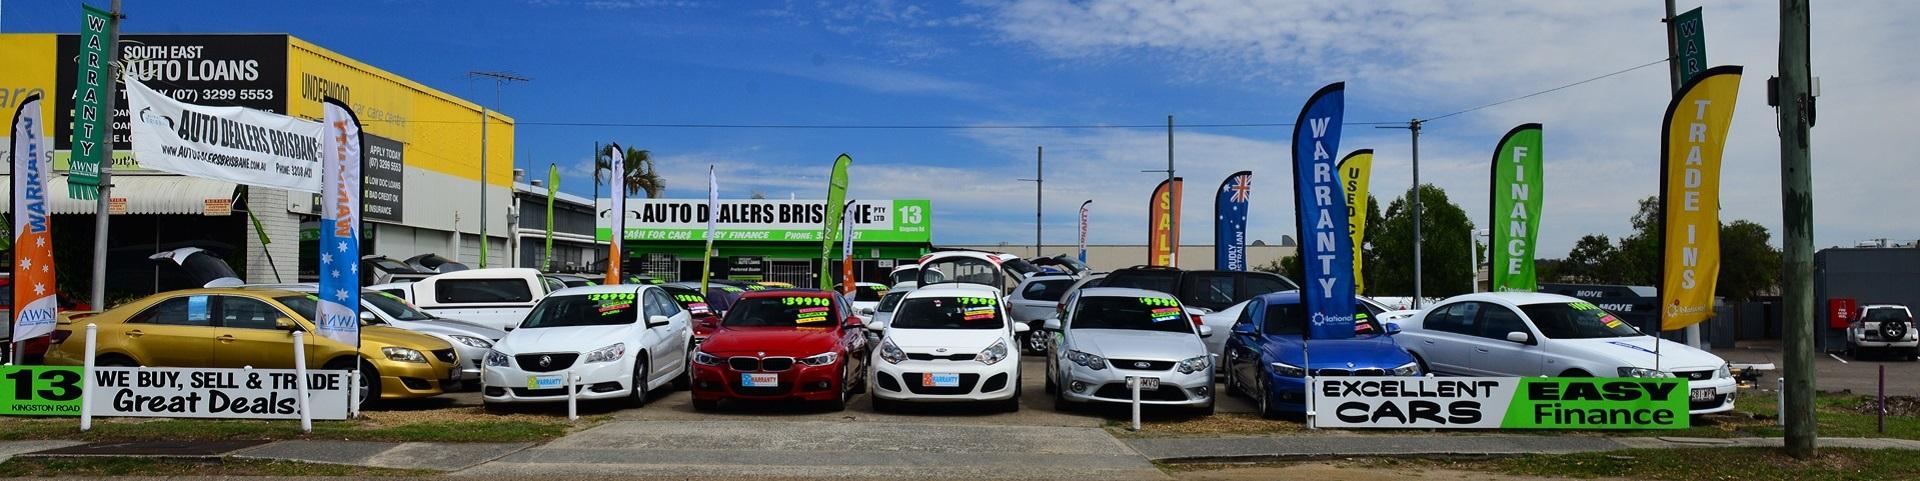 Auto Dealers Brisbane, Kingston Road